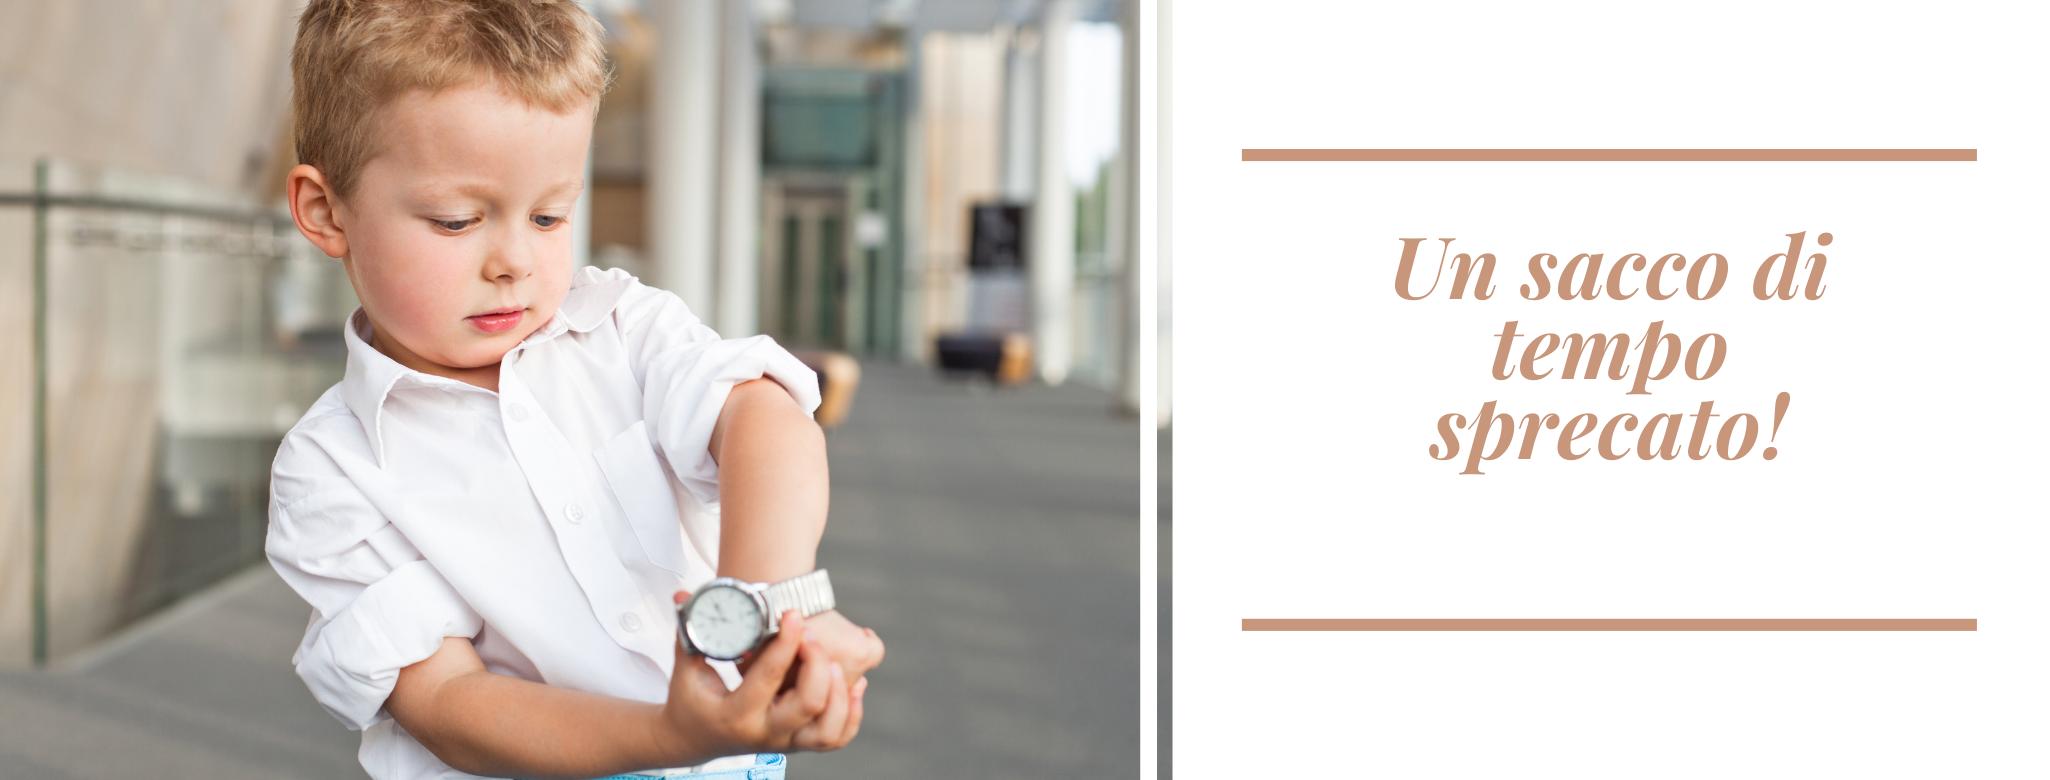 foto: bambino che mostra l'orologio. scritta: Un sacco di tempo sprecato!